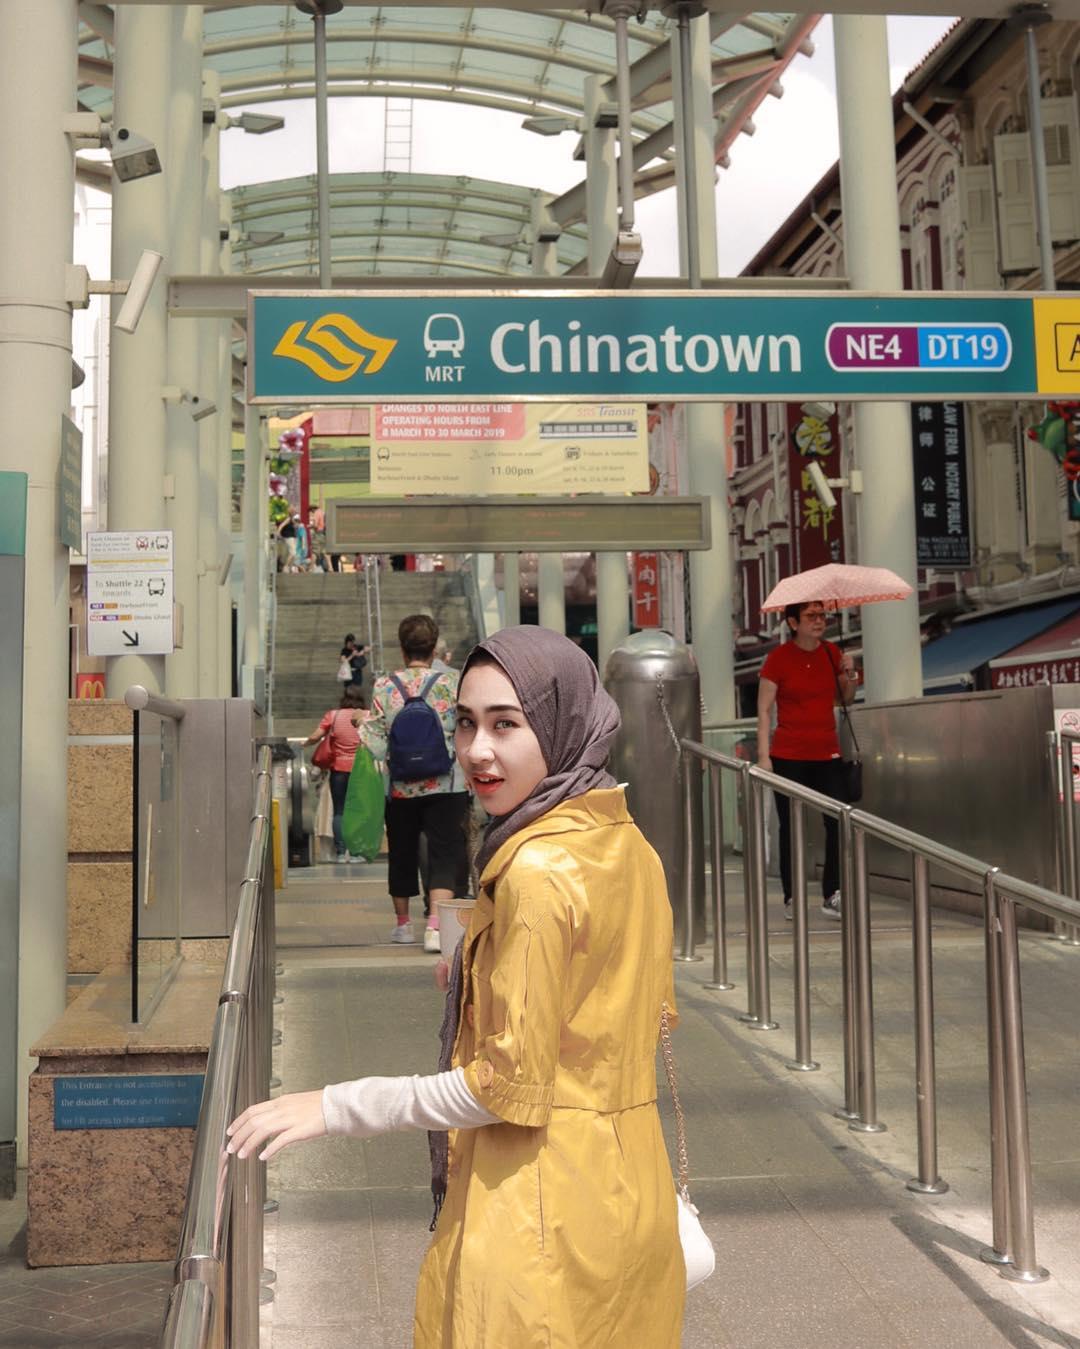 MRT Chinatown